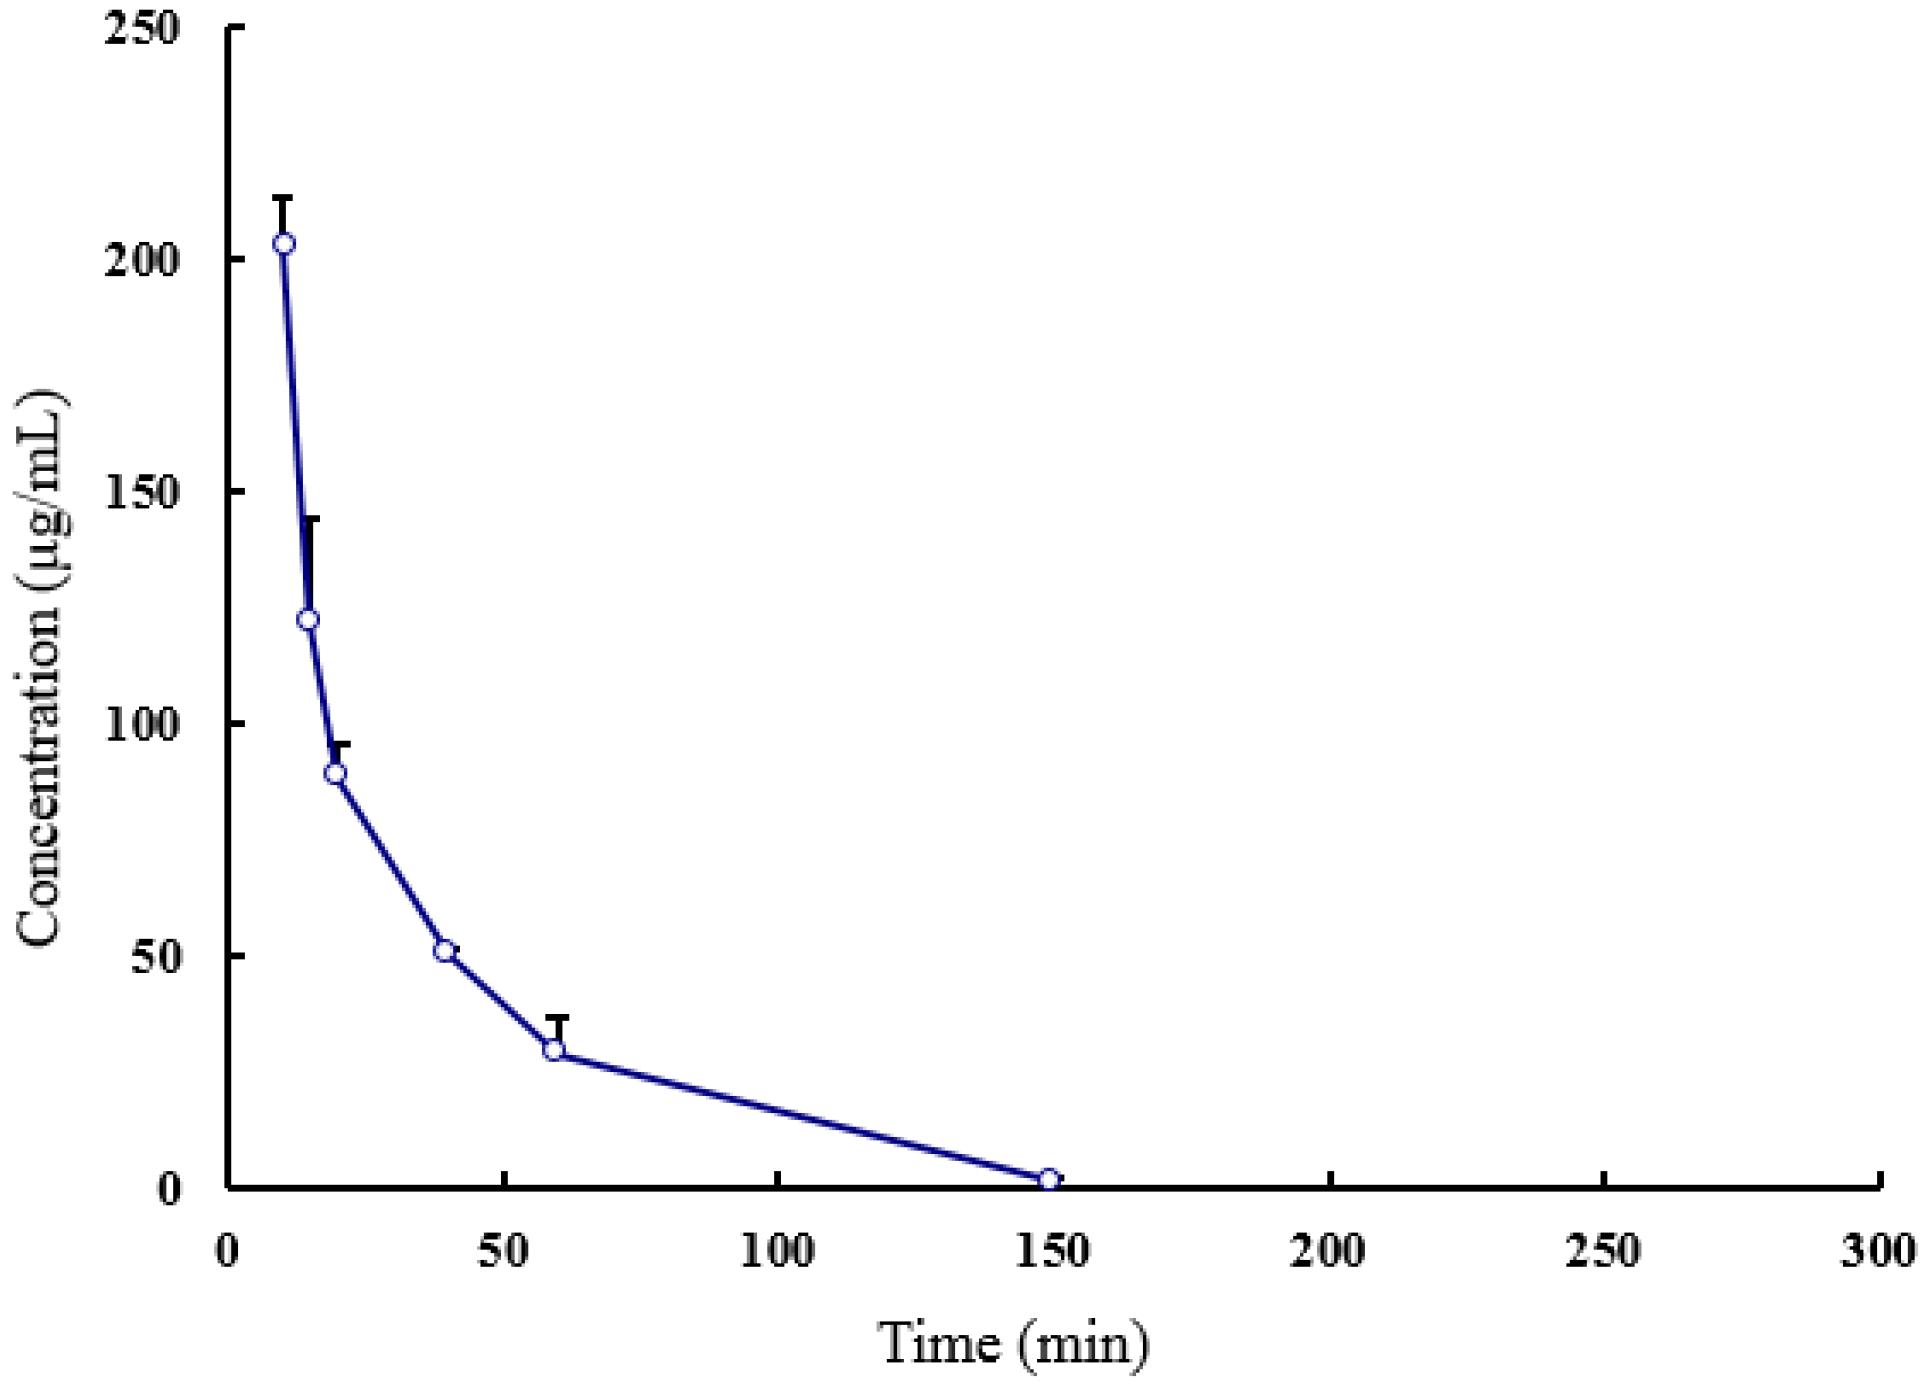 kotzin et al 1993 superantigens